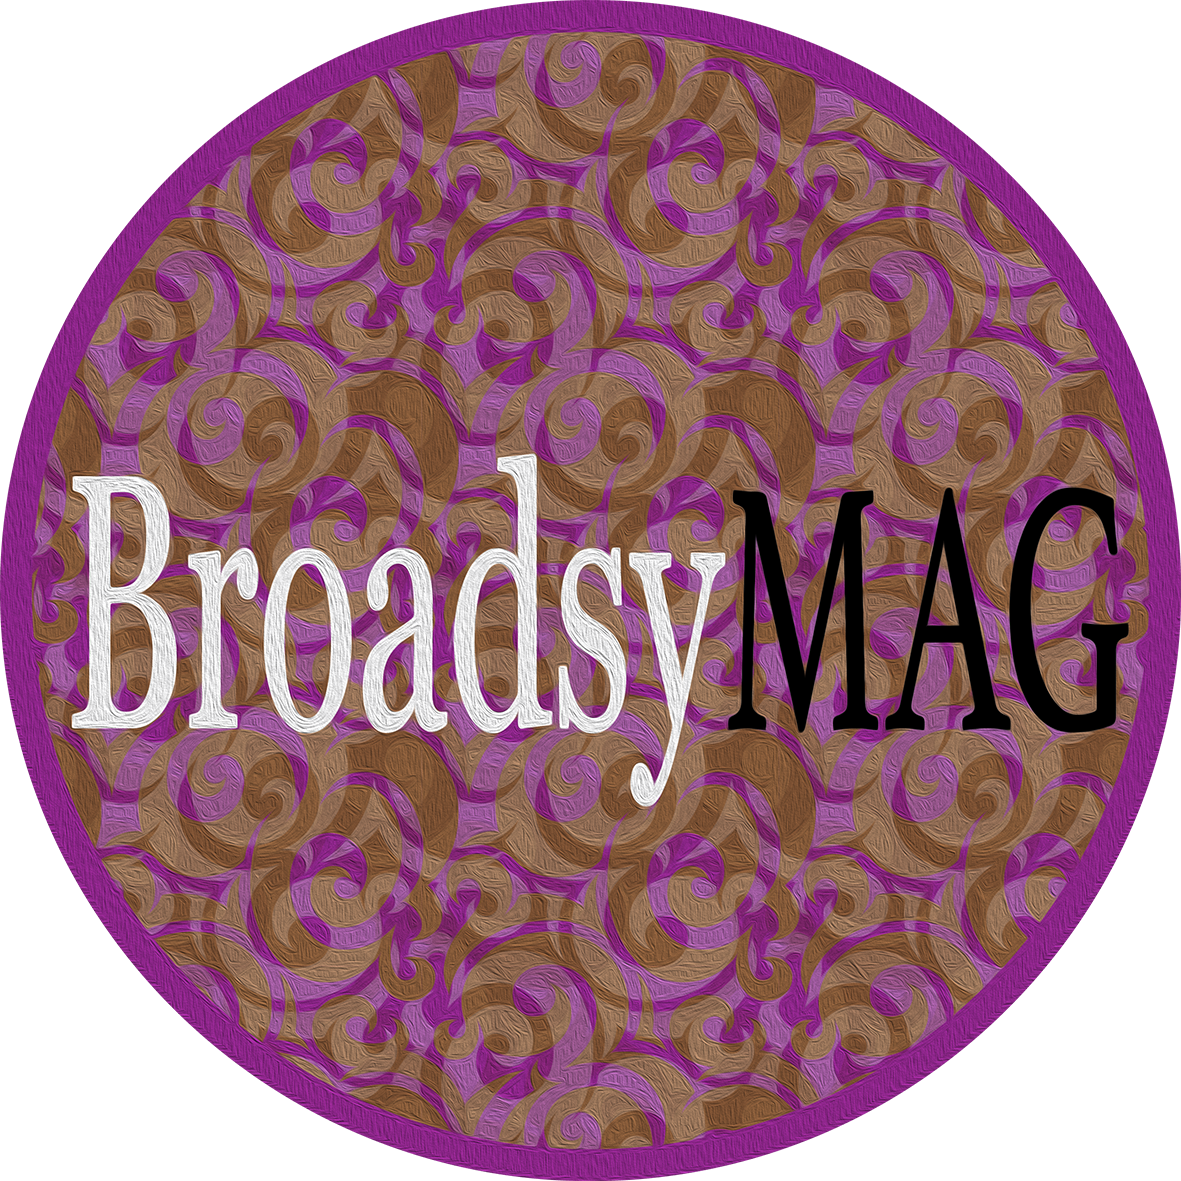 BroadsyMAG